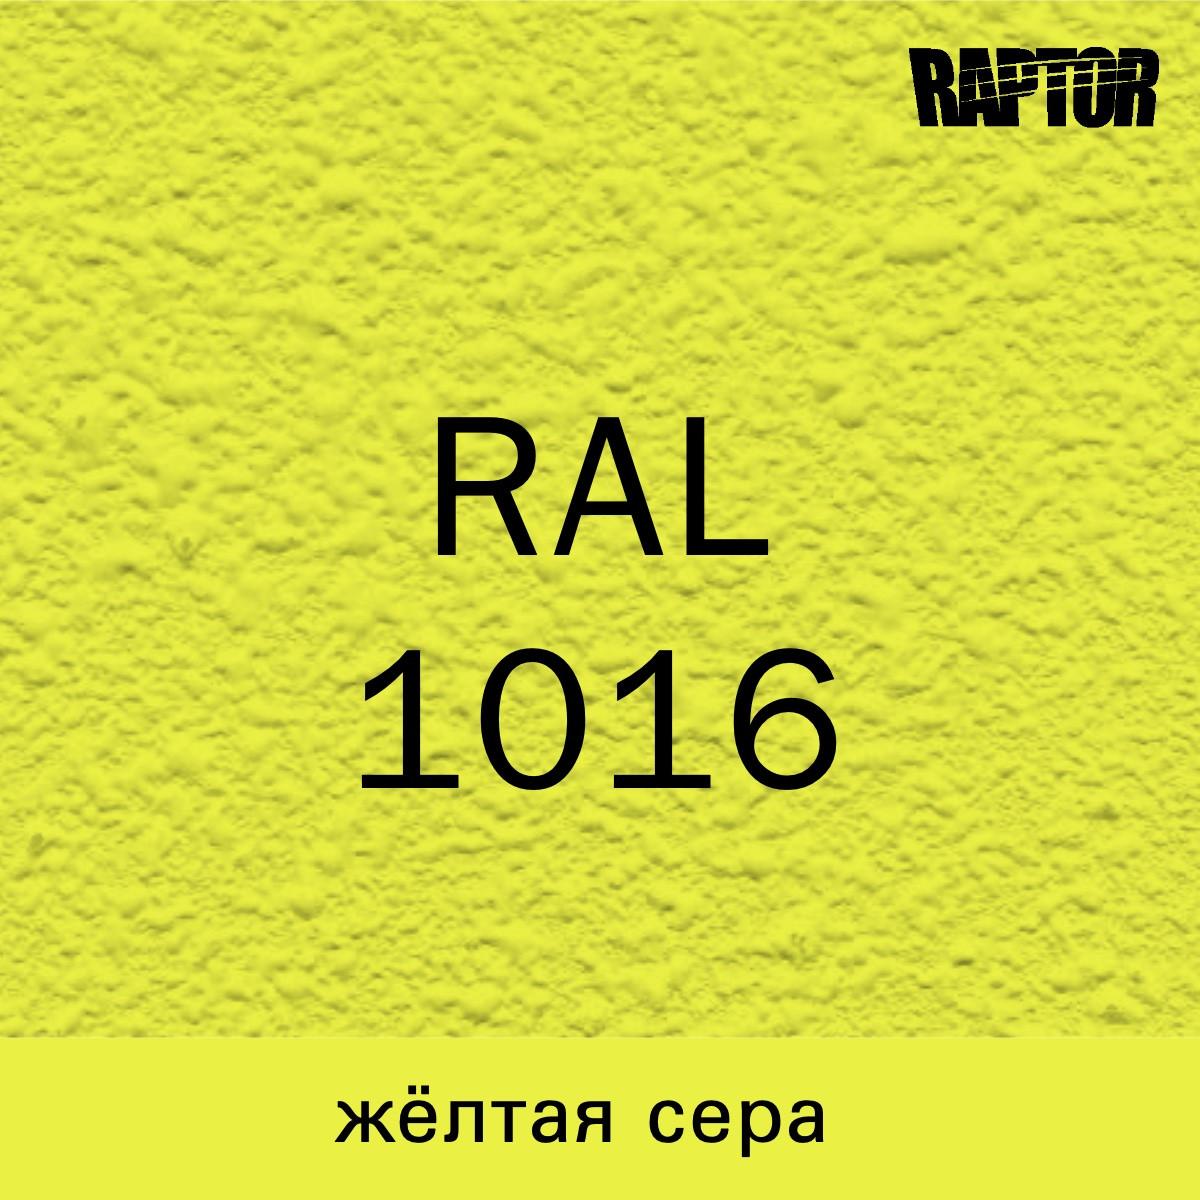 Пигмент для колеровки покрытия RAPTOR™ Жёлтая сера (RAL 1016)